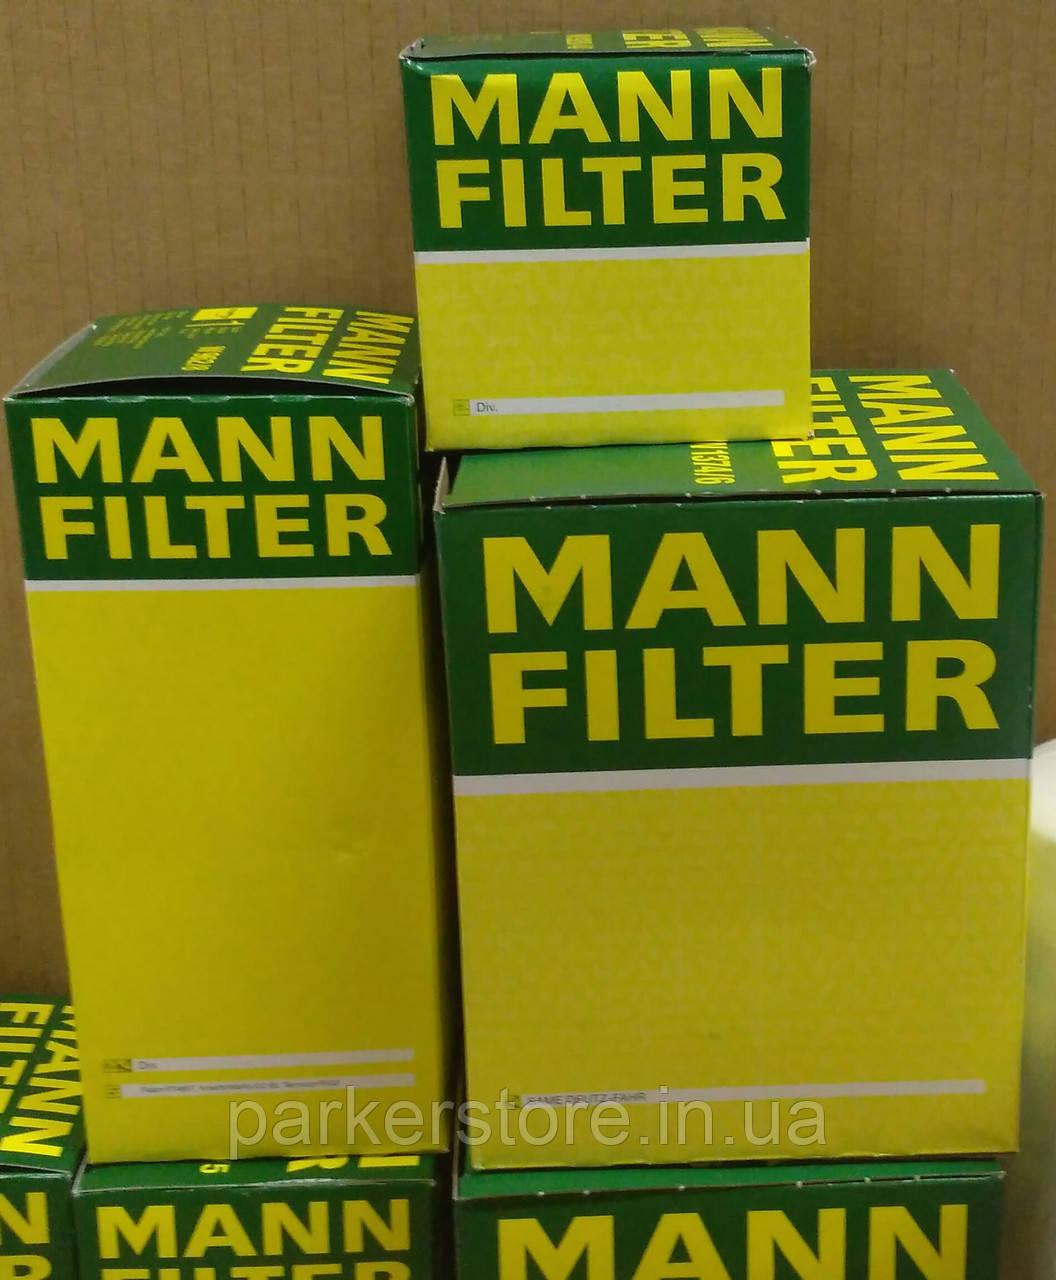 MANN FILTER / Воздушный фильтр / C 24 007 / C24007